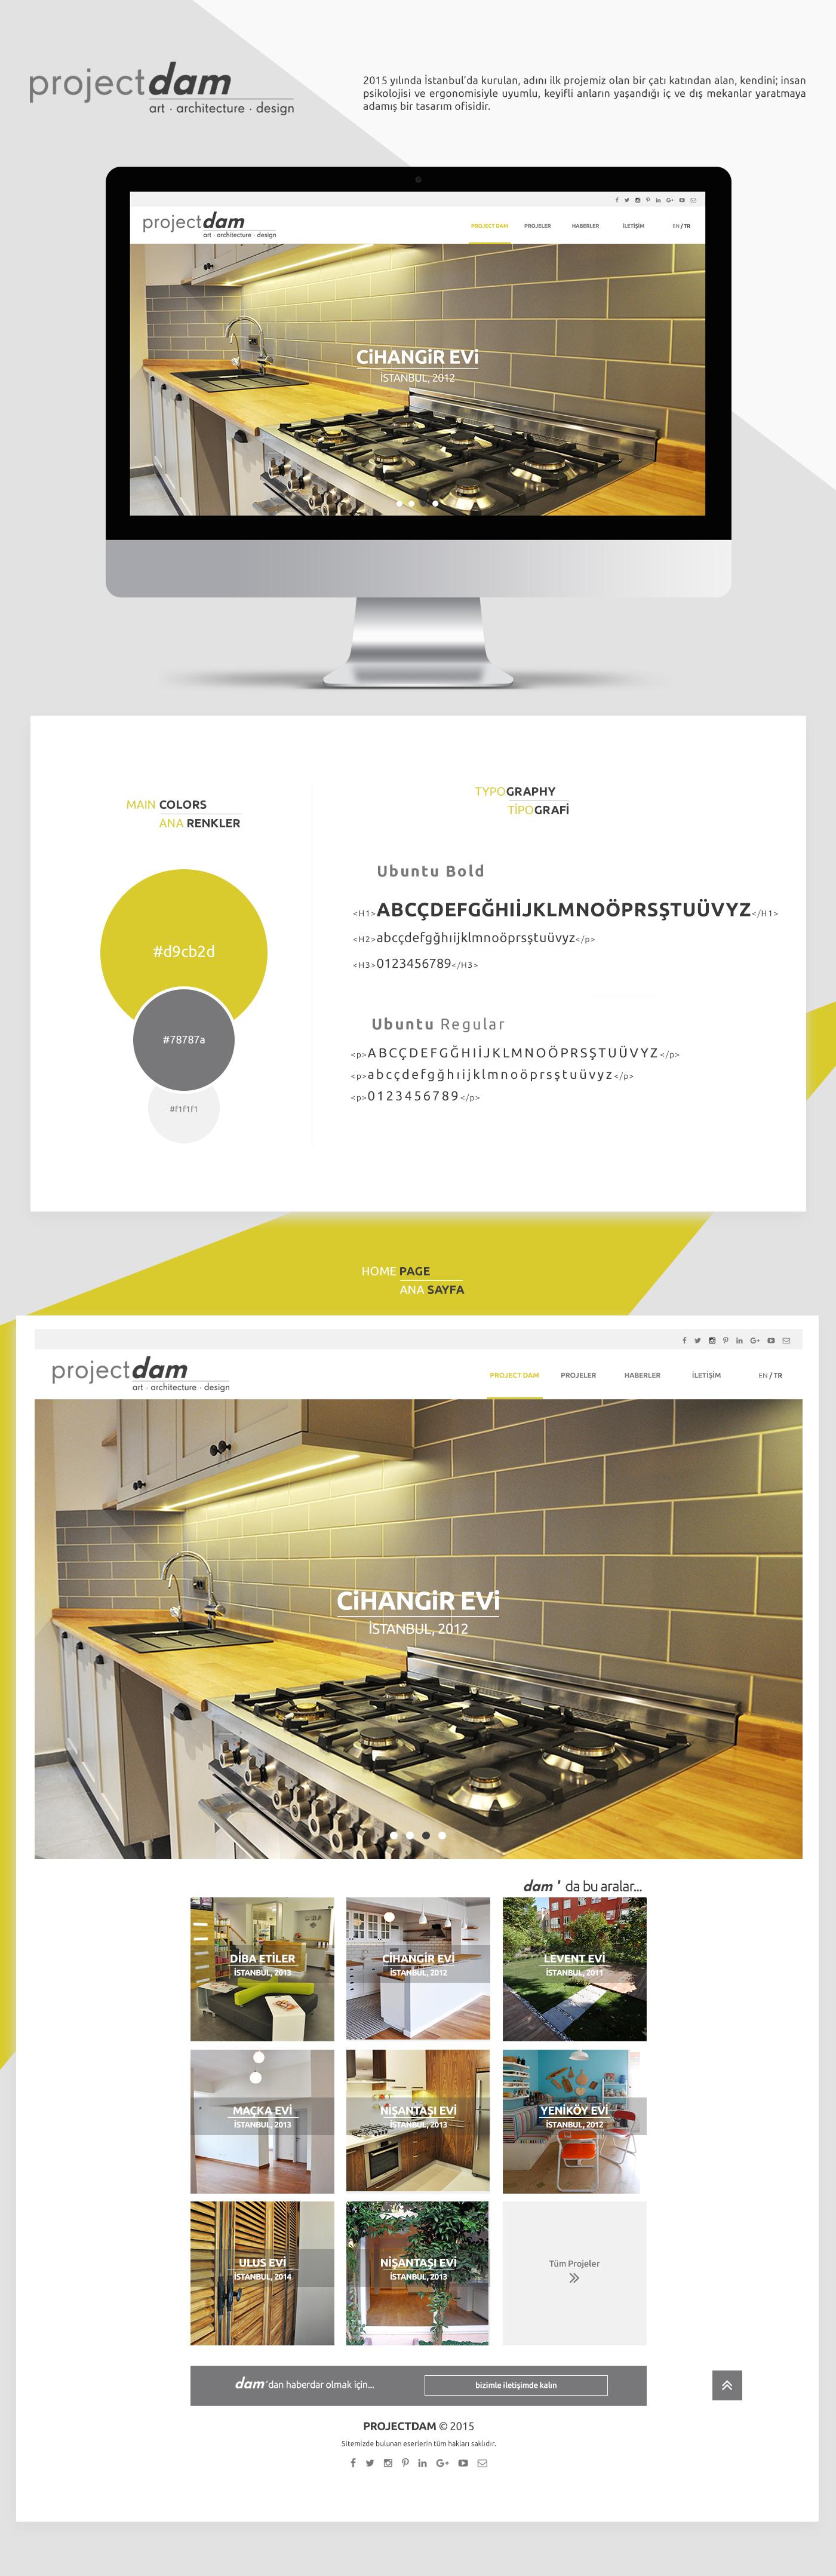 ui design css Web Design  UI/UX